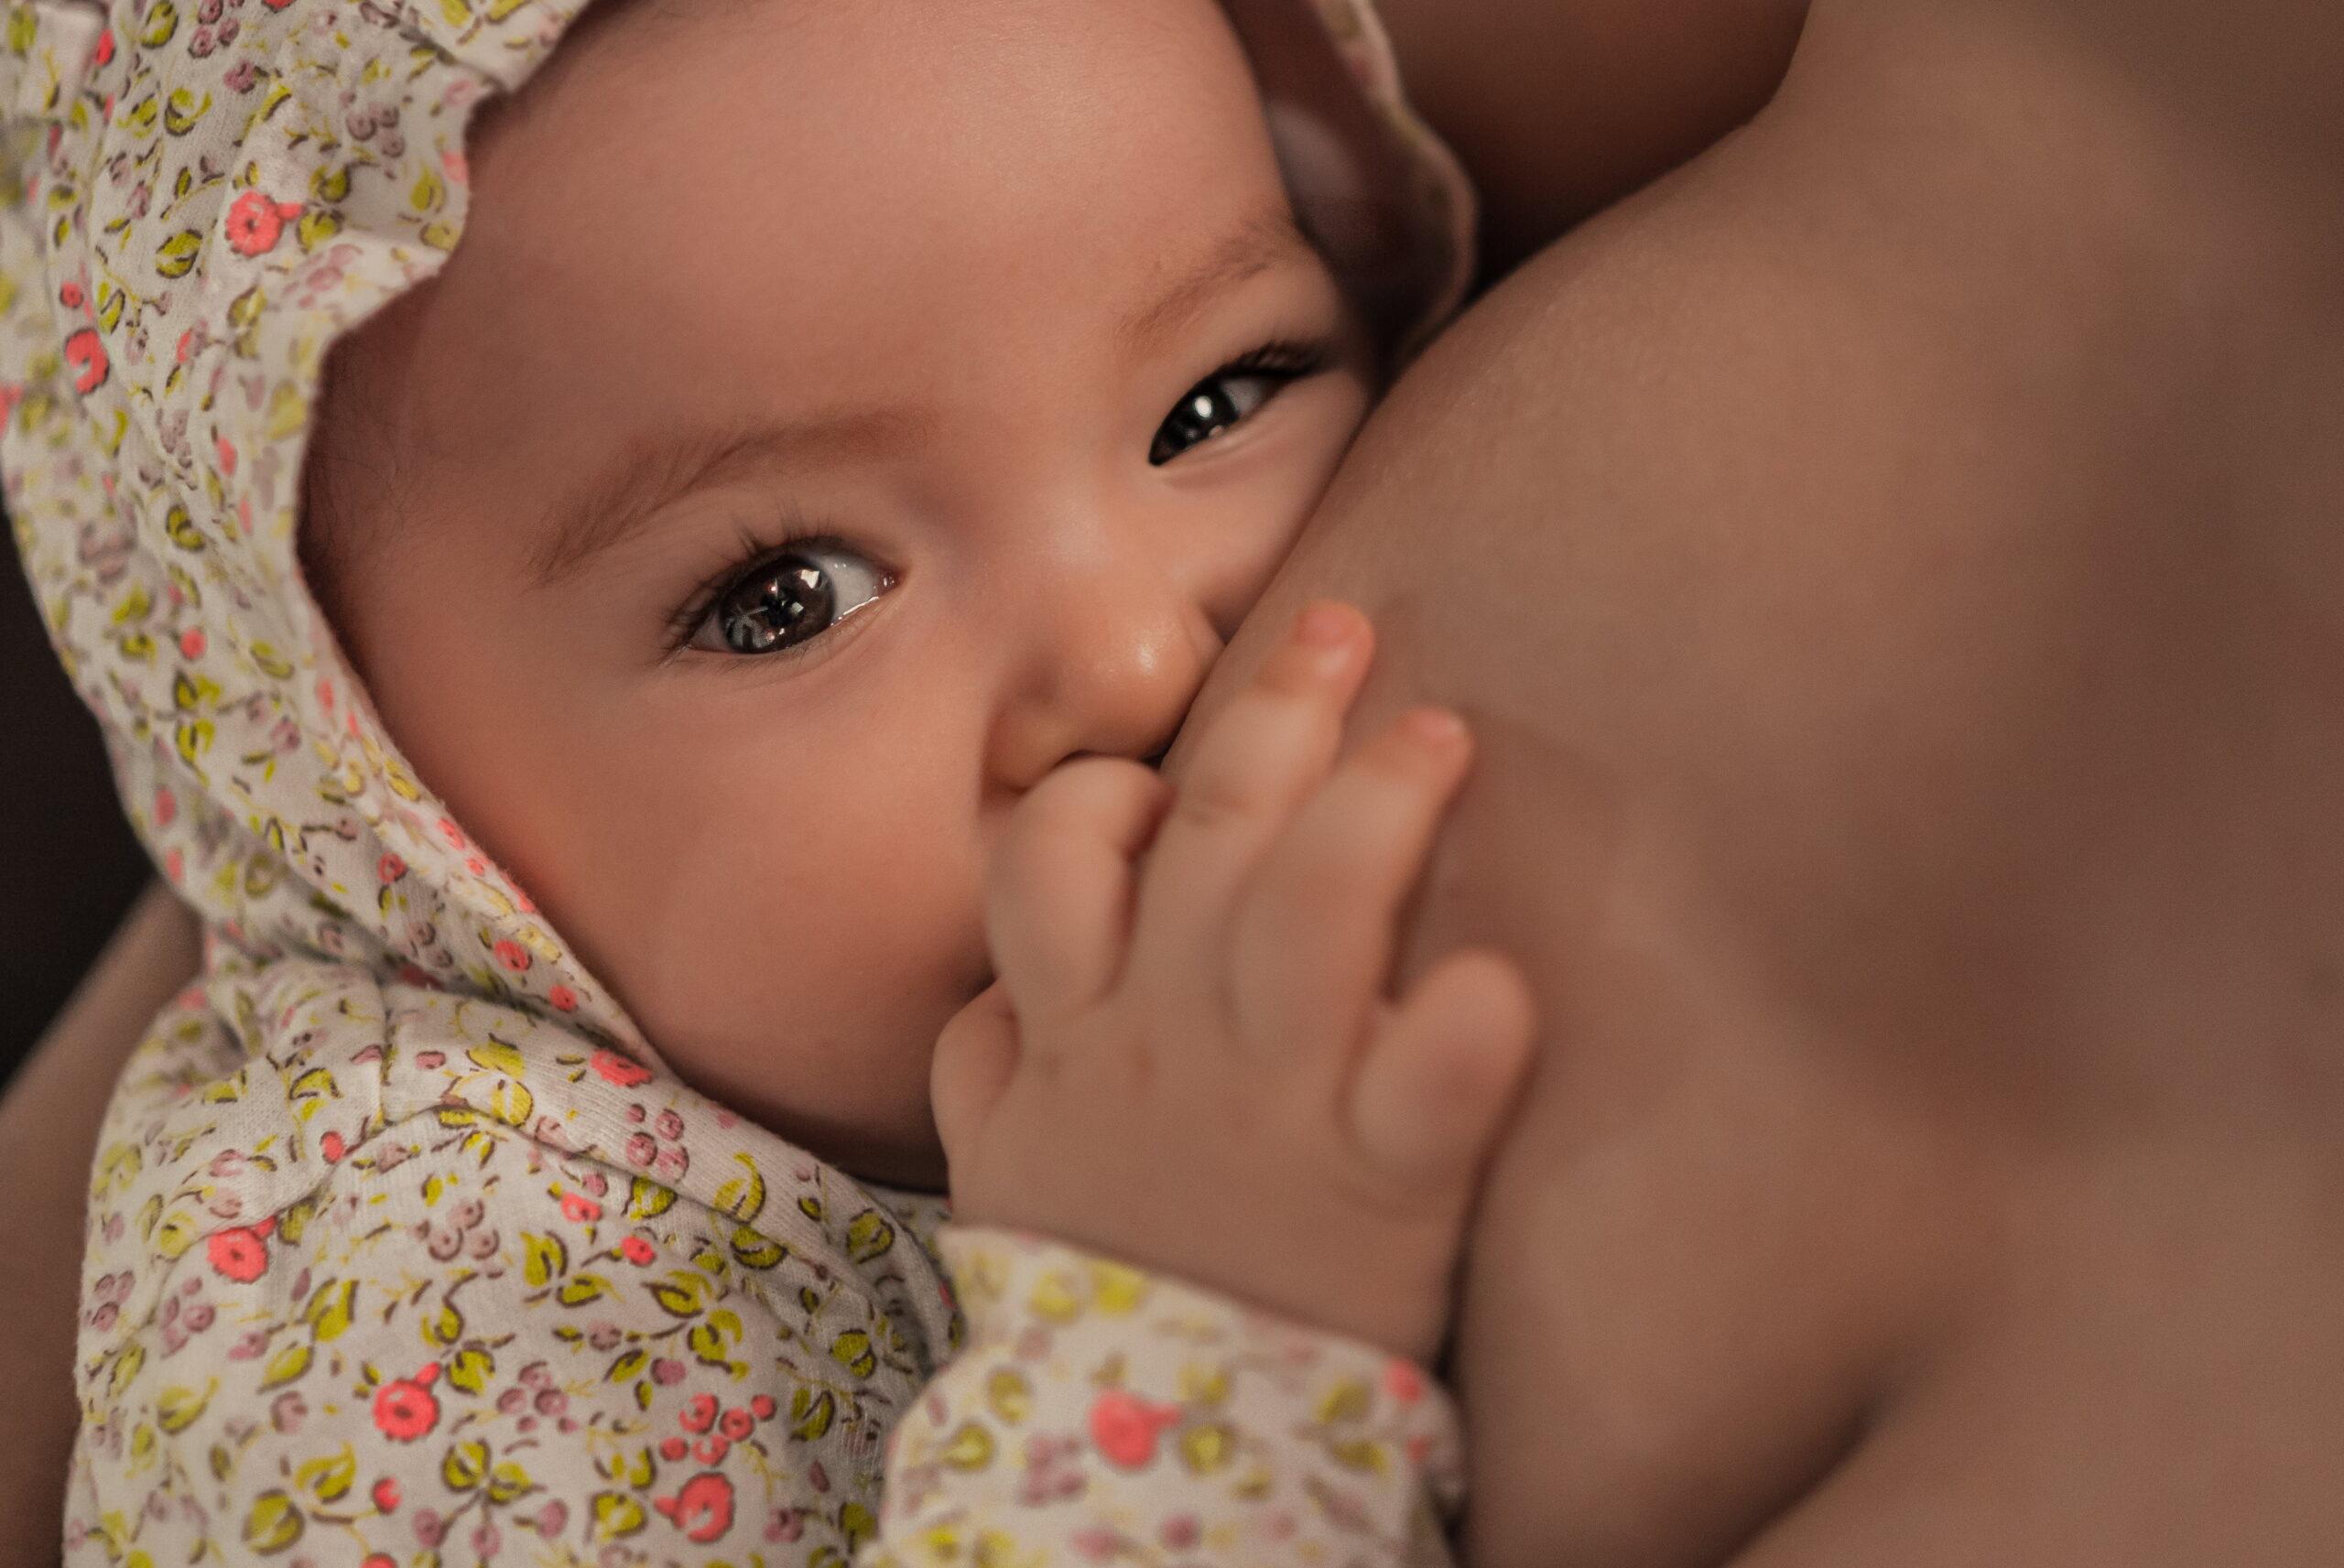 Δωρεάν διαδικτυακό σεμινάριο μητρικού θηλασμού e-learning